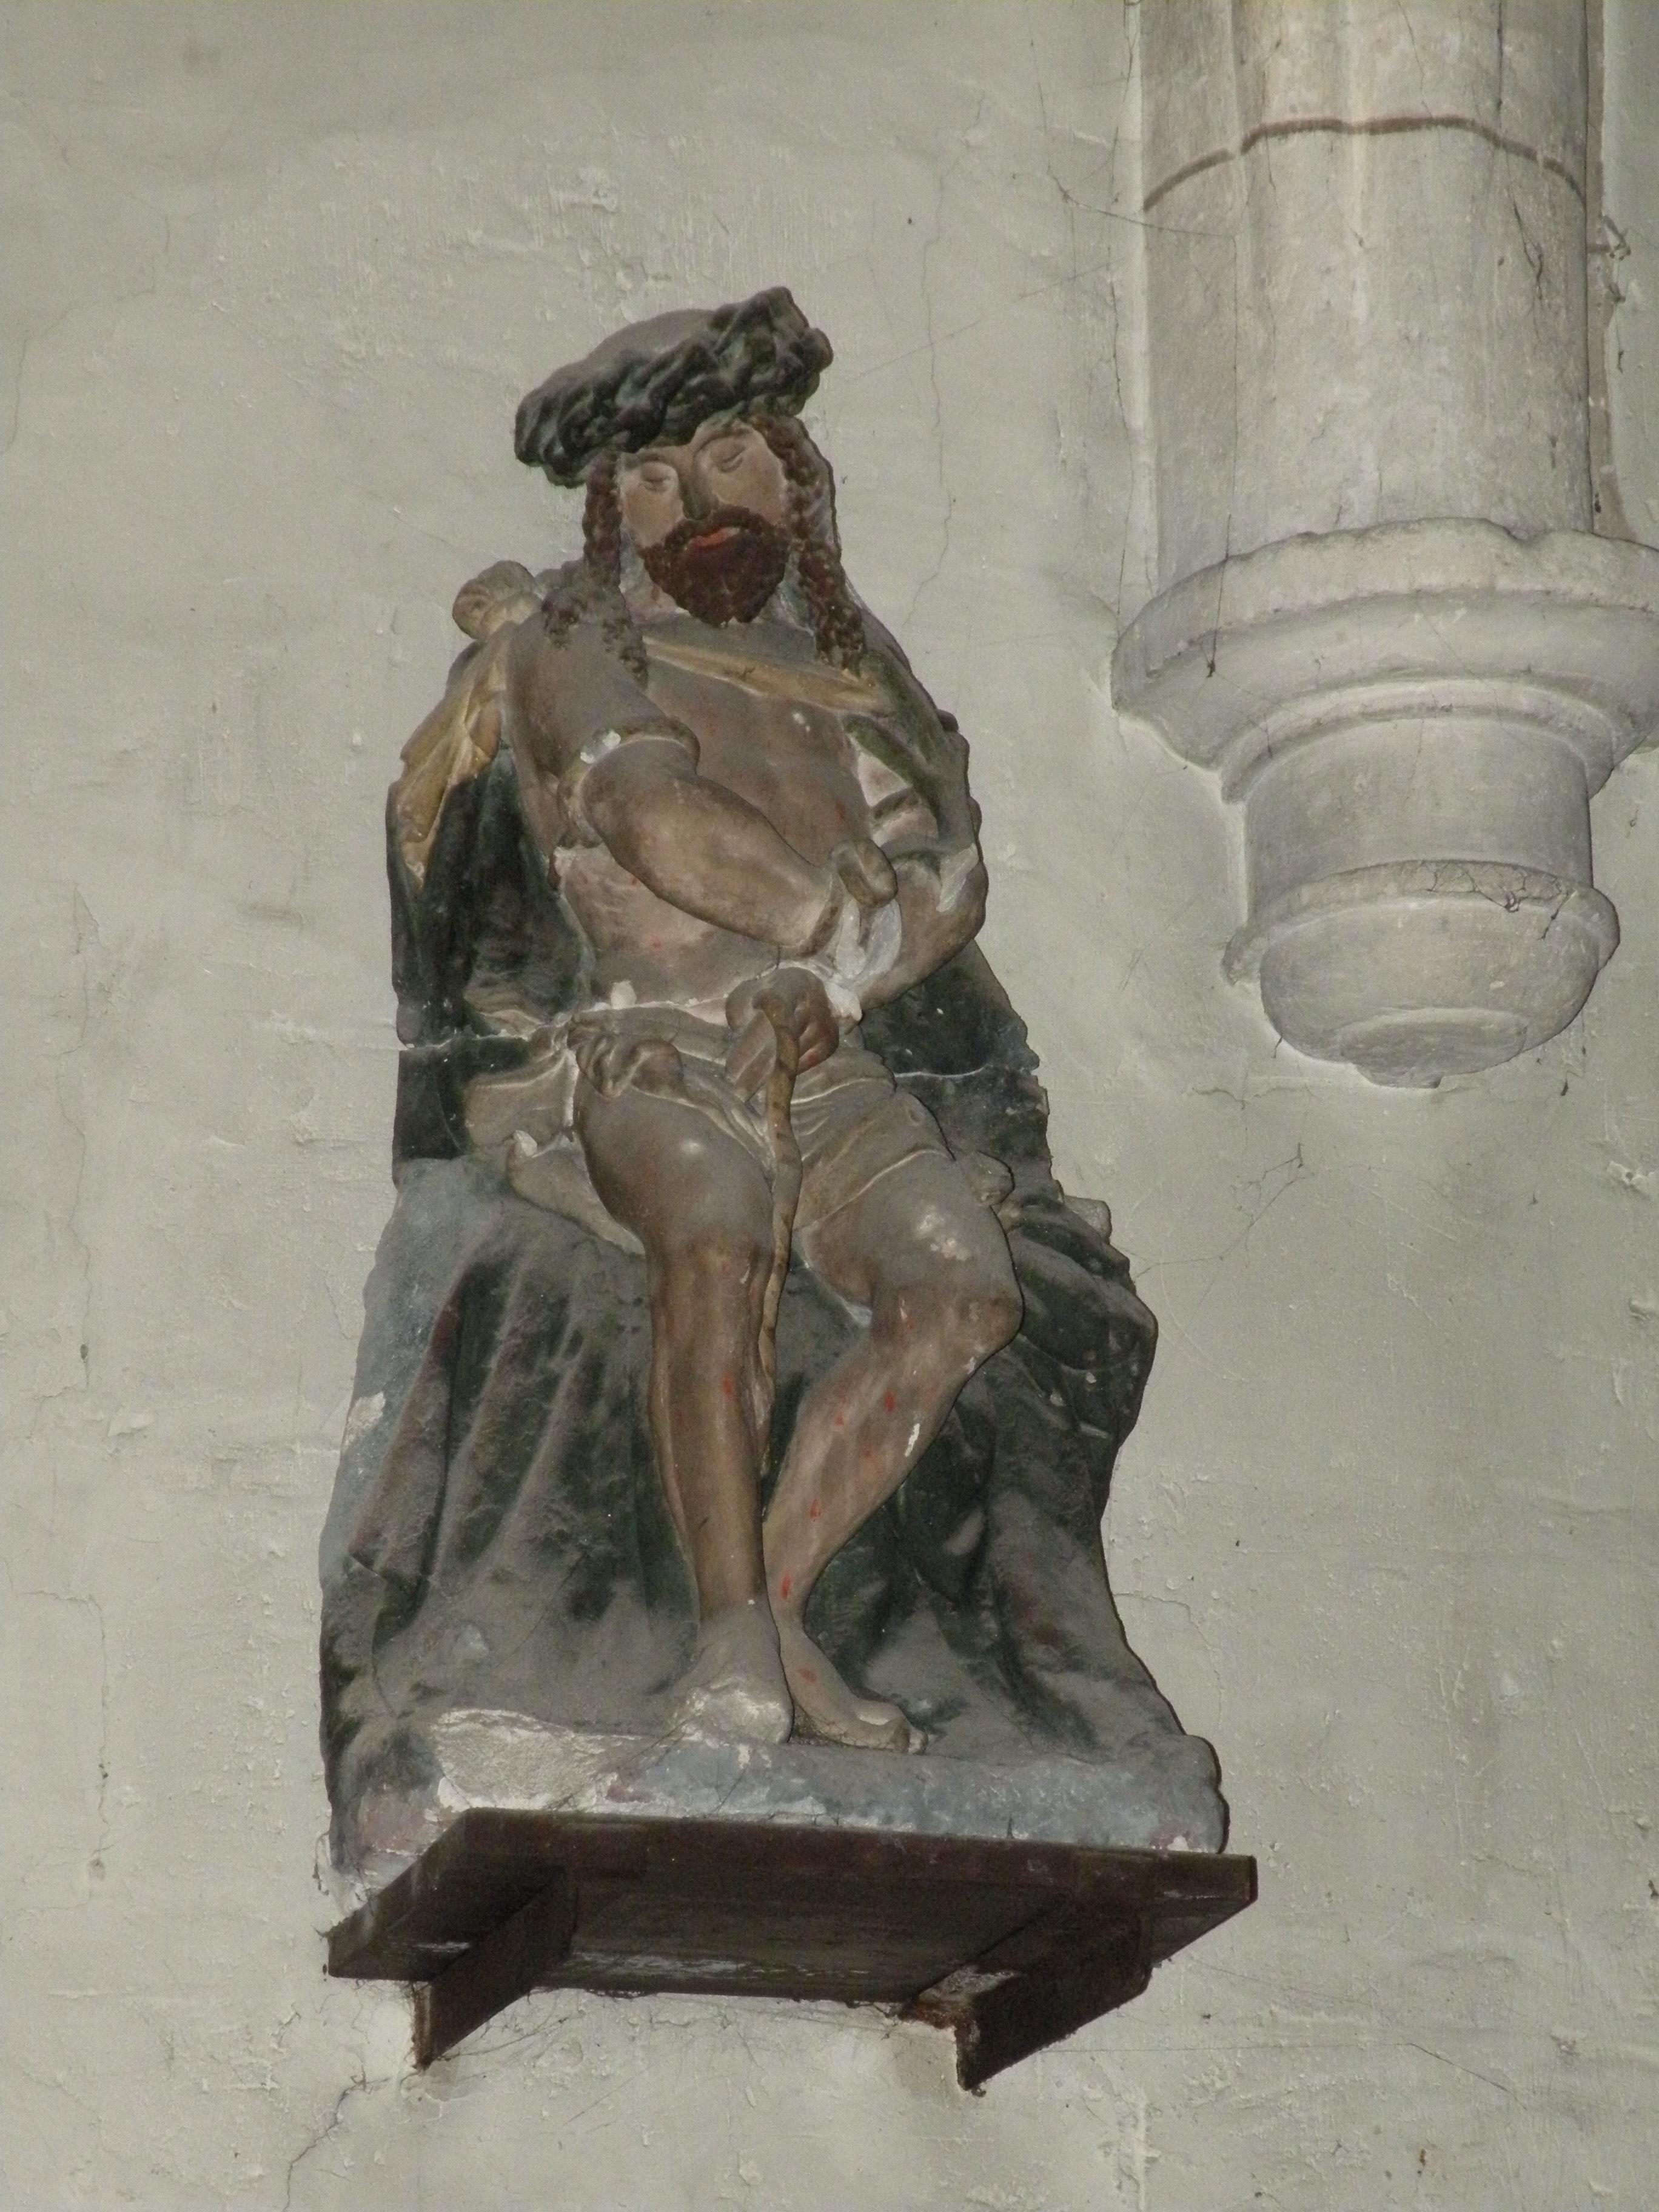 fileglise saint lucien de mru christ aux liensjpg aglise saint lucien de